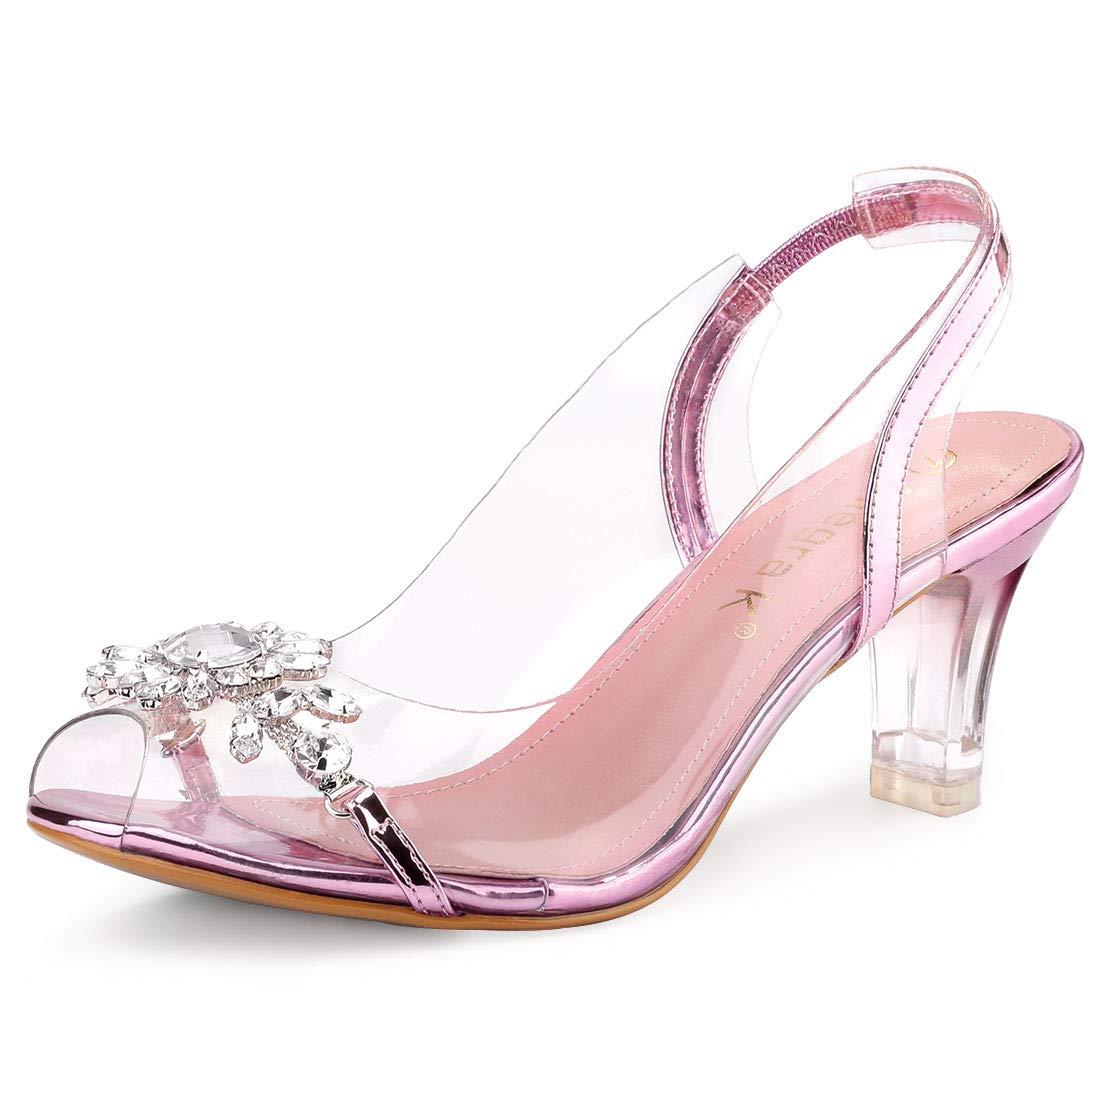 39350c6a036 Allegra K Women's Clear Slingback Flower Rhinestone Peep Toe Heels Sandals